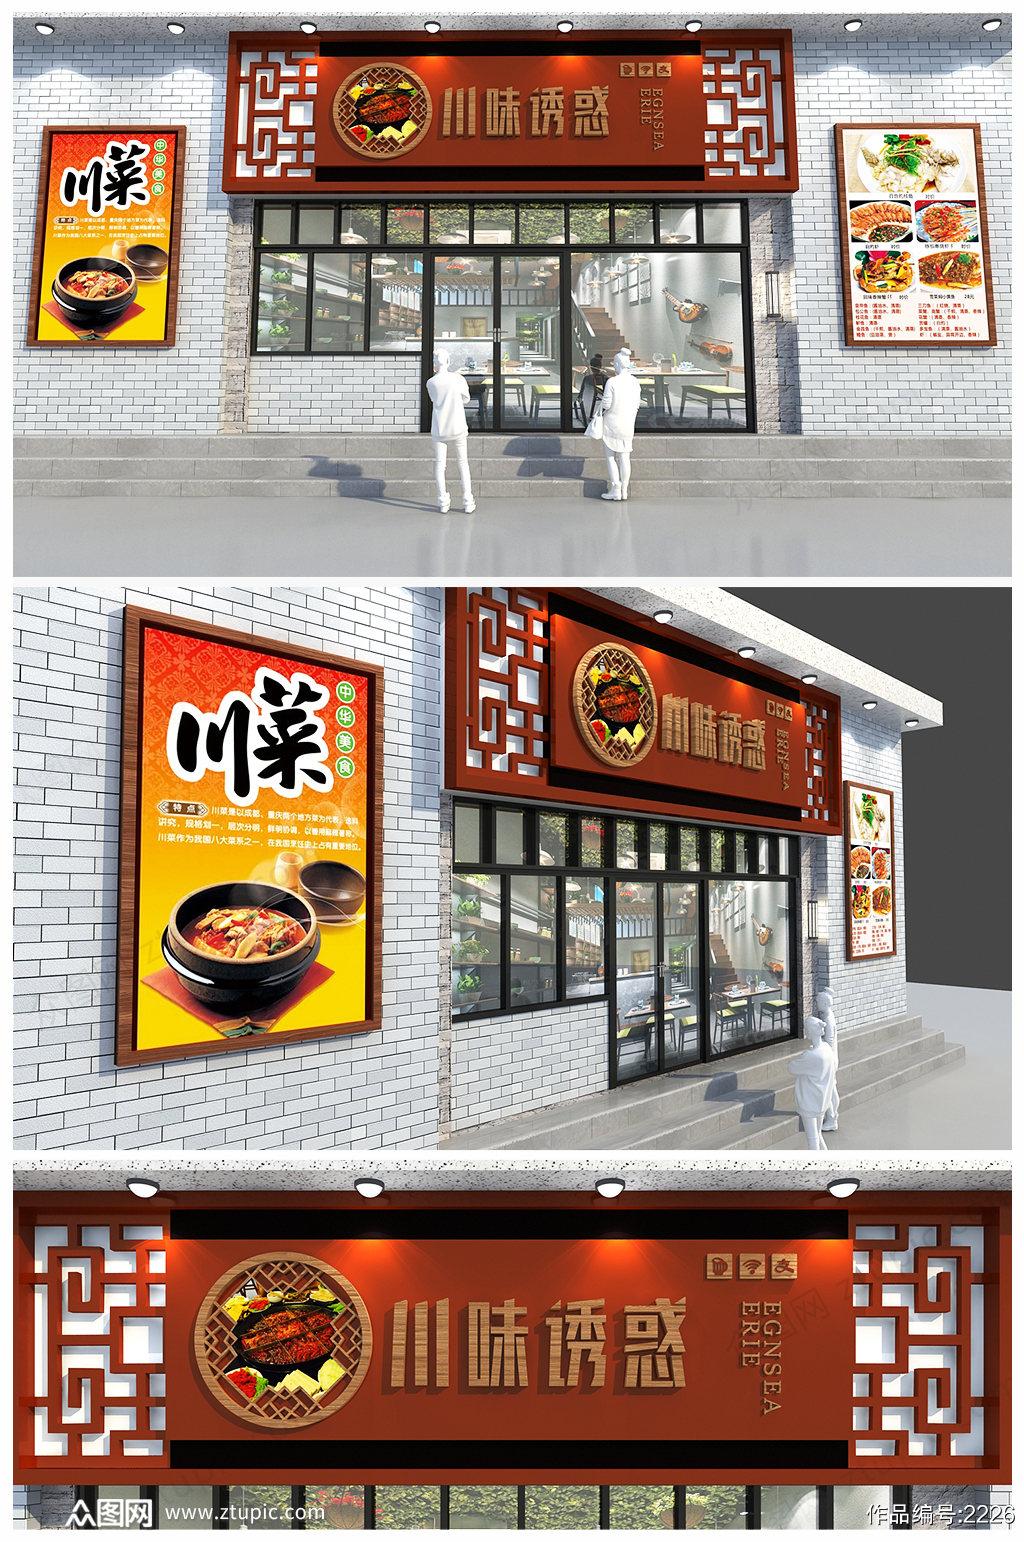 中式仿古火锅店酒庄门头设计素材